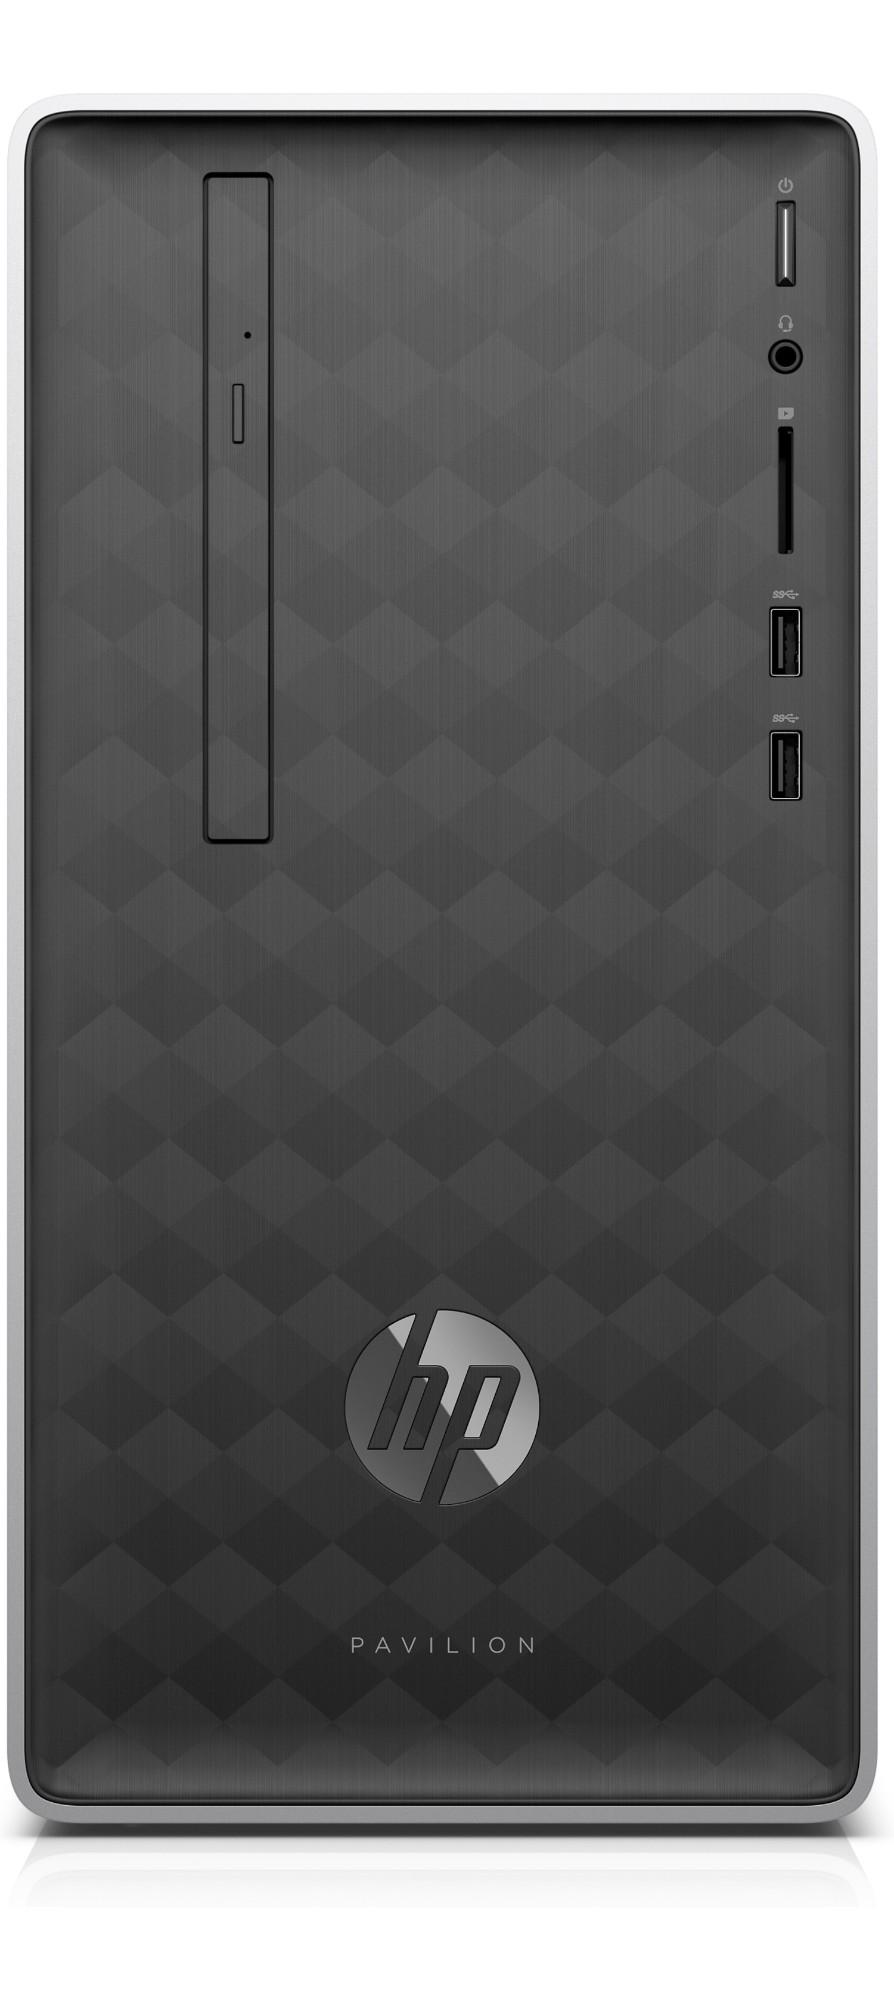 HP Pavilion 590-a0005na 2.00 GHz Intel® Celeron® J4005 Black,Silver Mini Tower PC